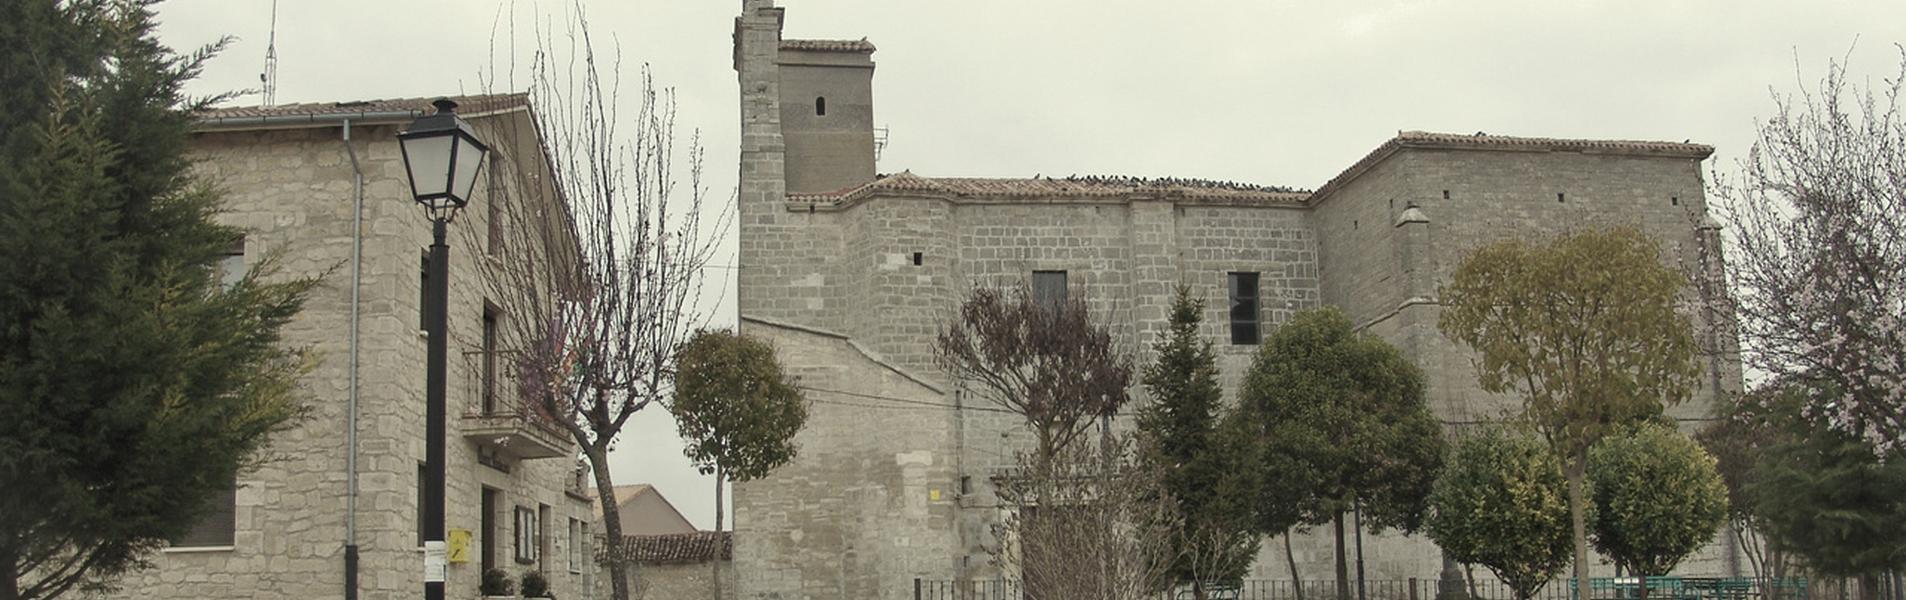 Alfoz de Quintanadueñas